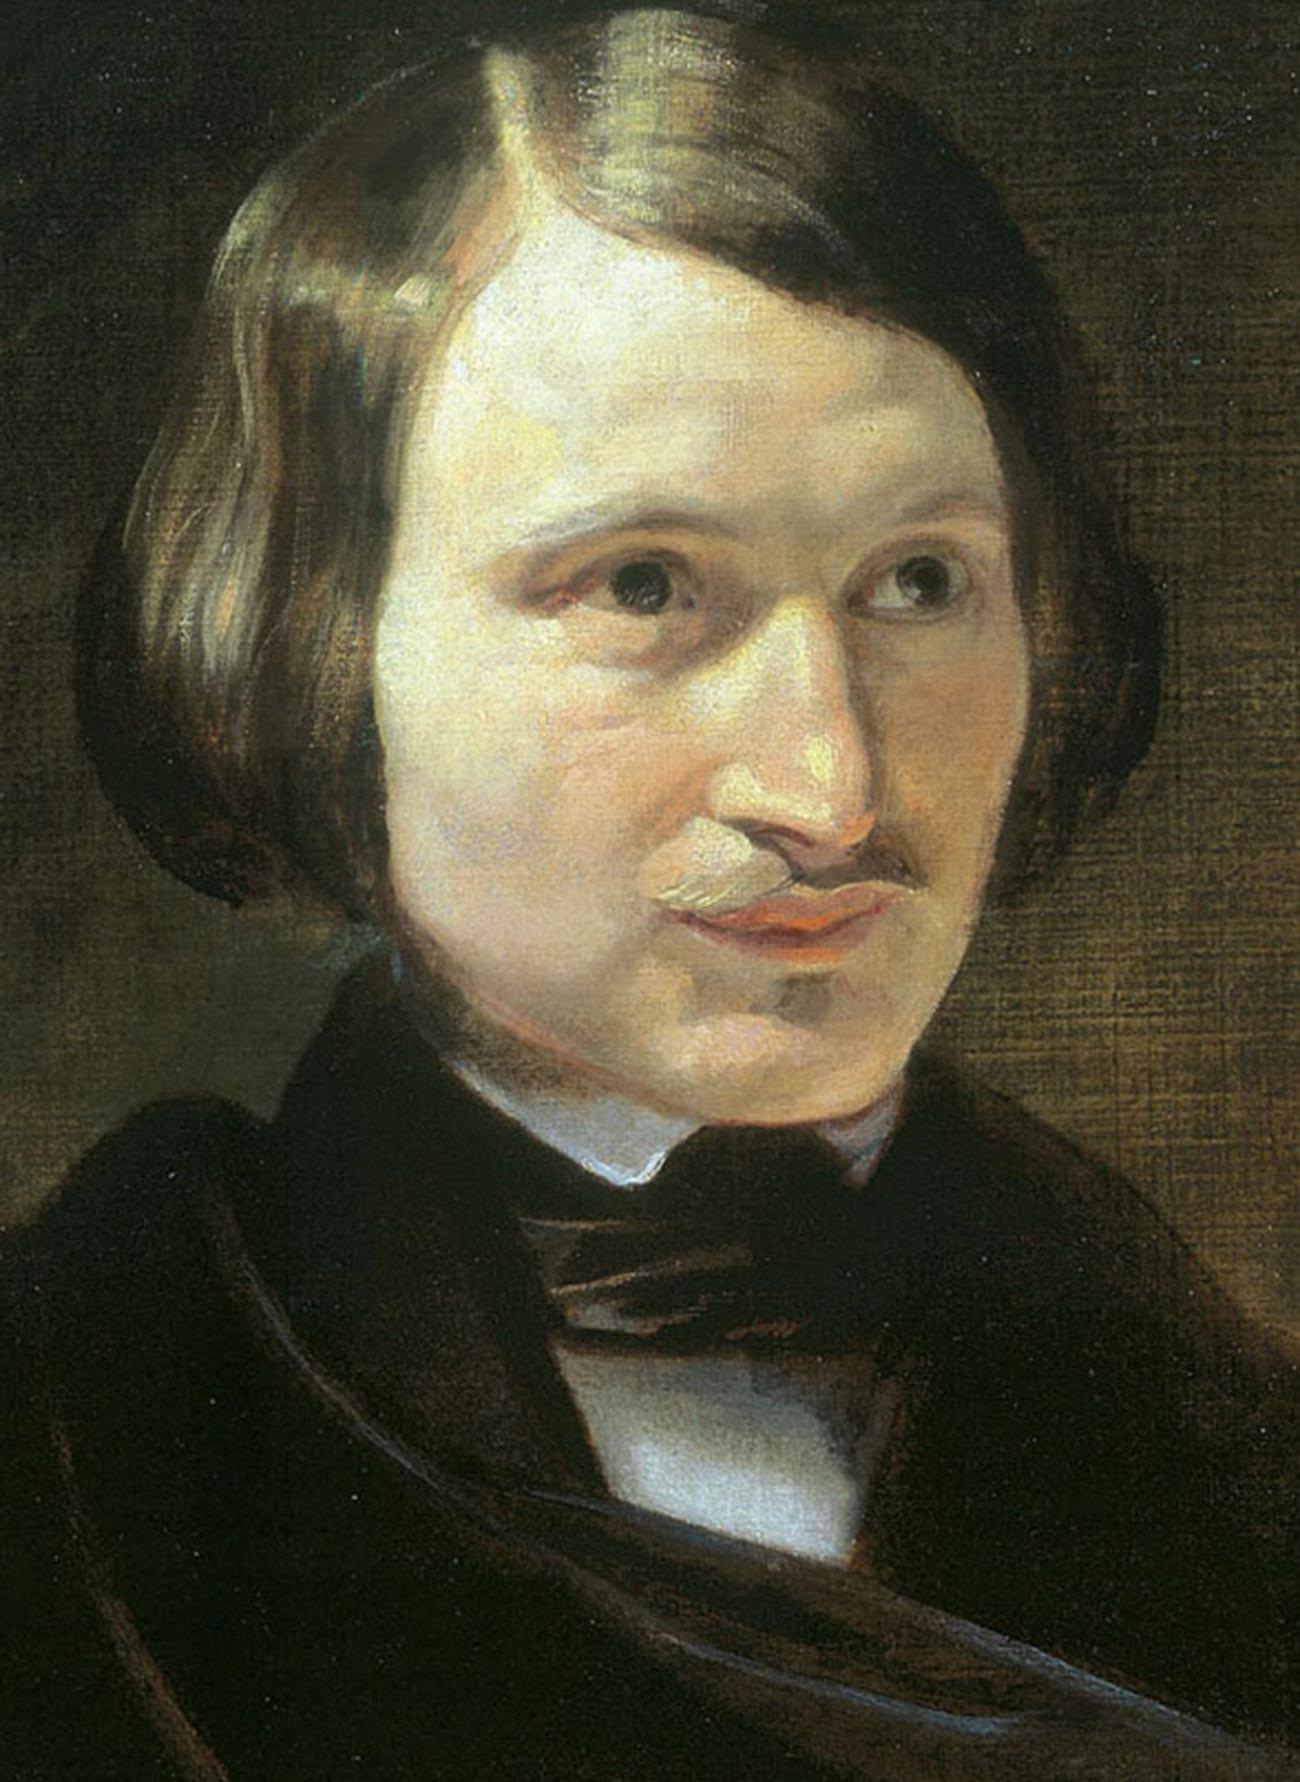 Nikolaj Gogol ritratto da Otto Friedrich Theodor von Möller